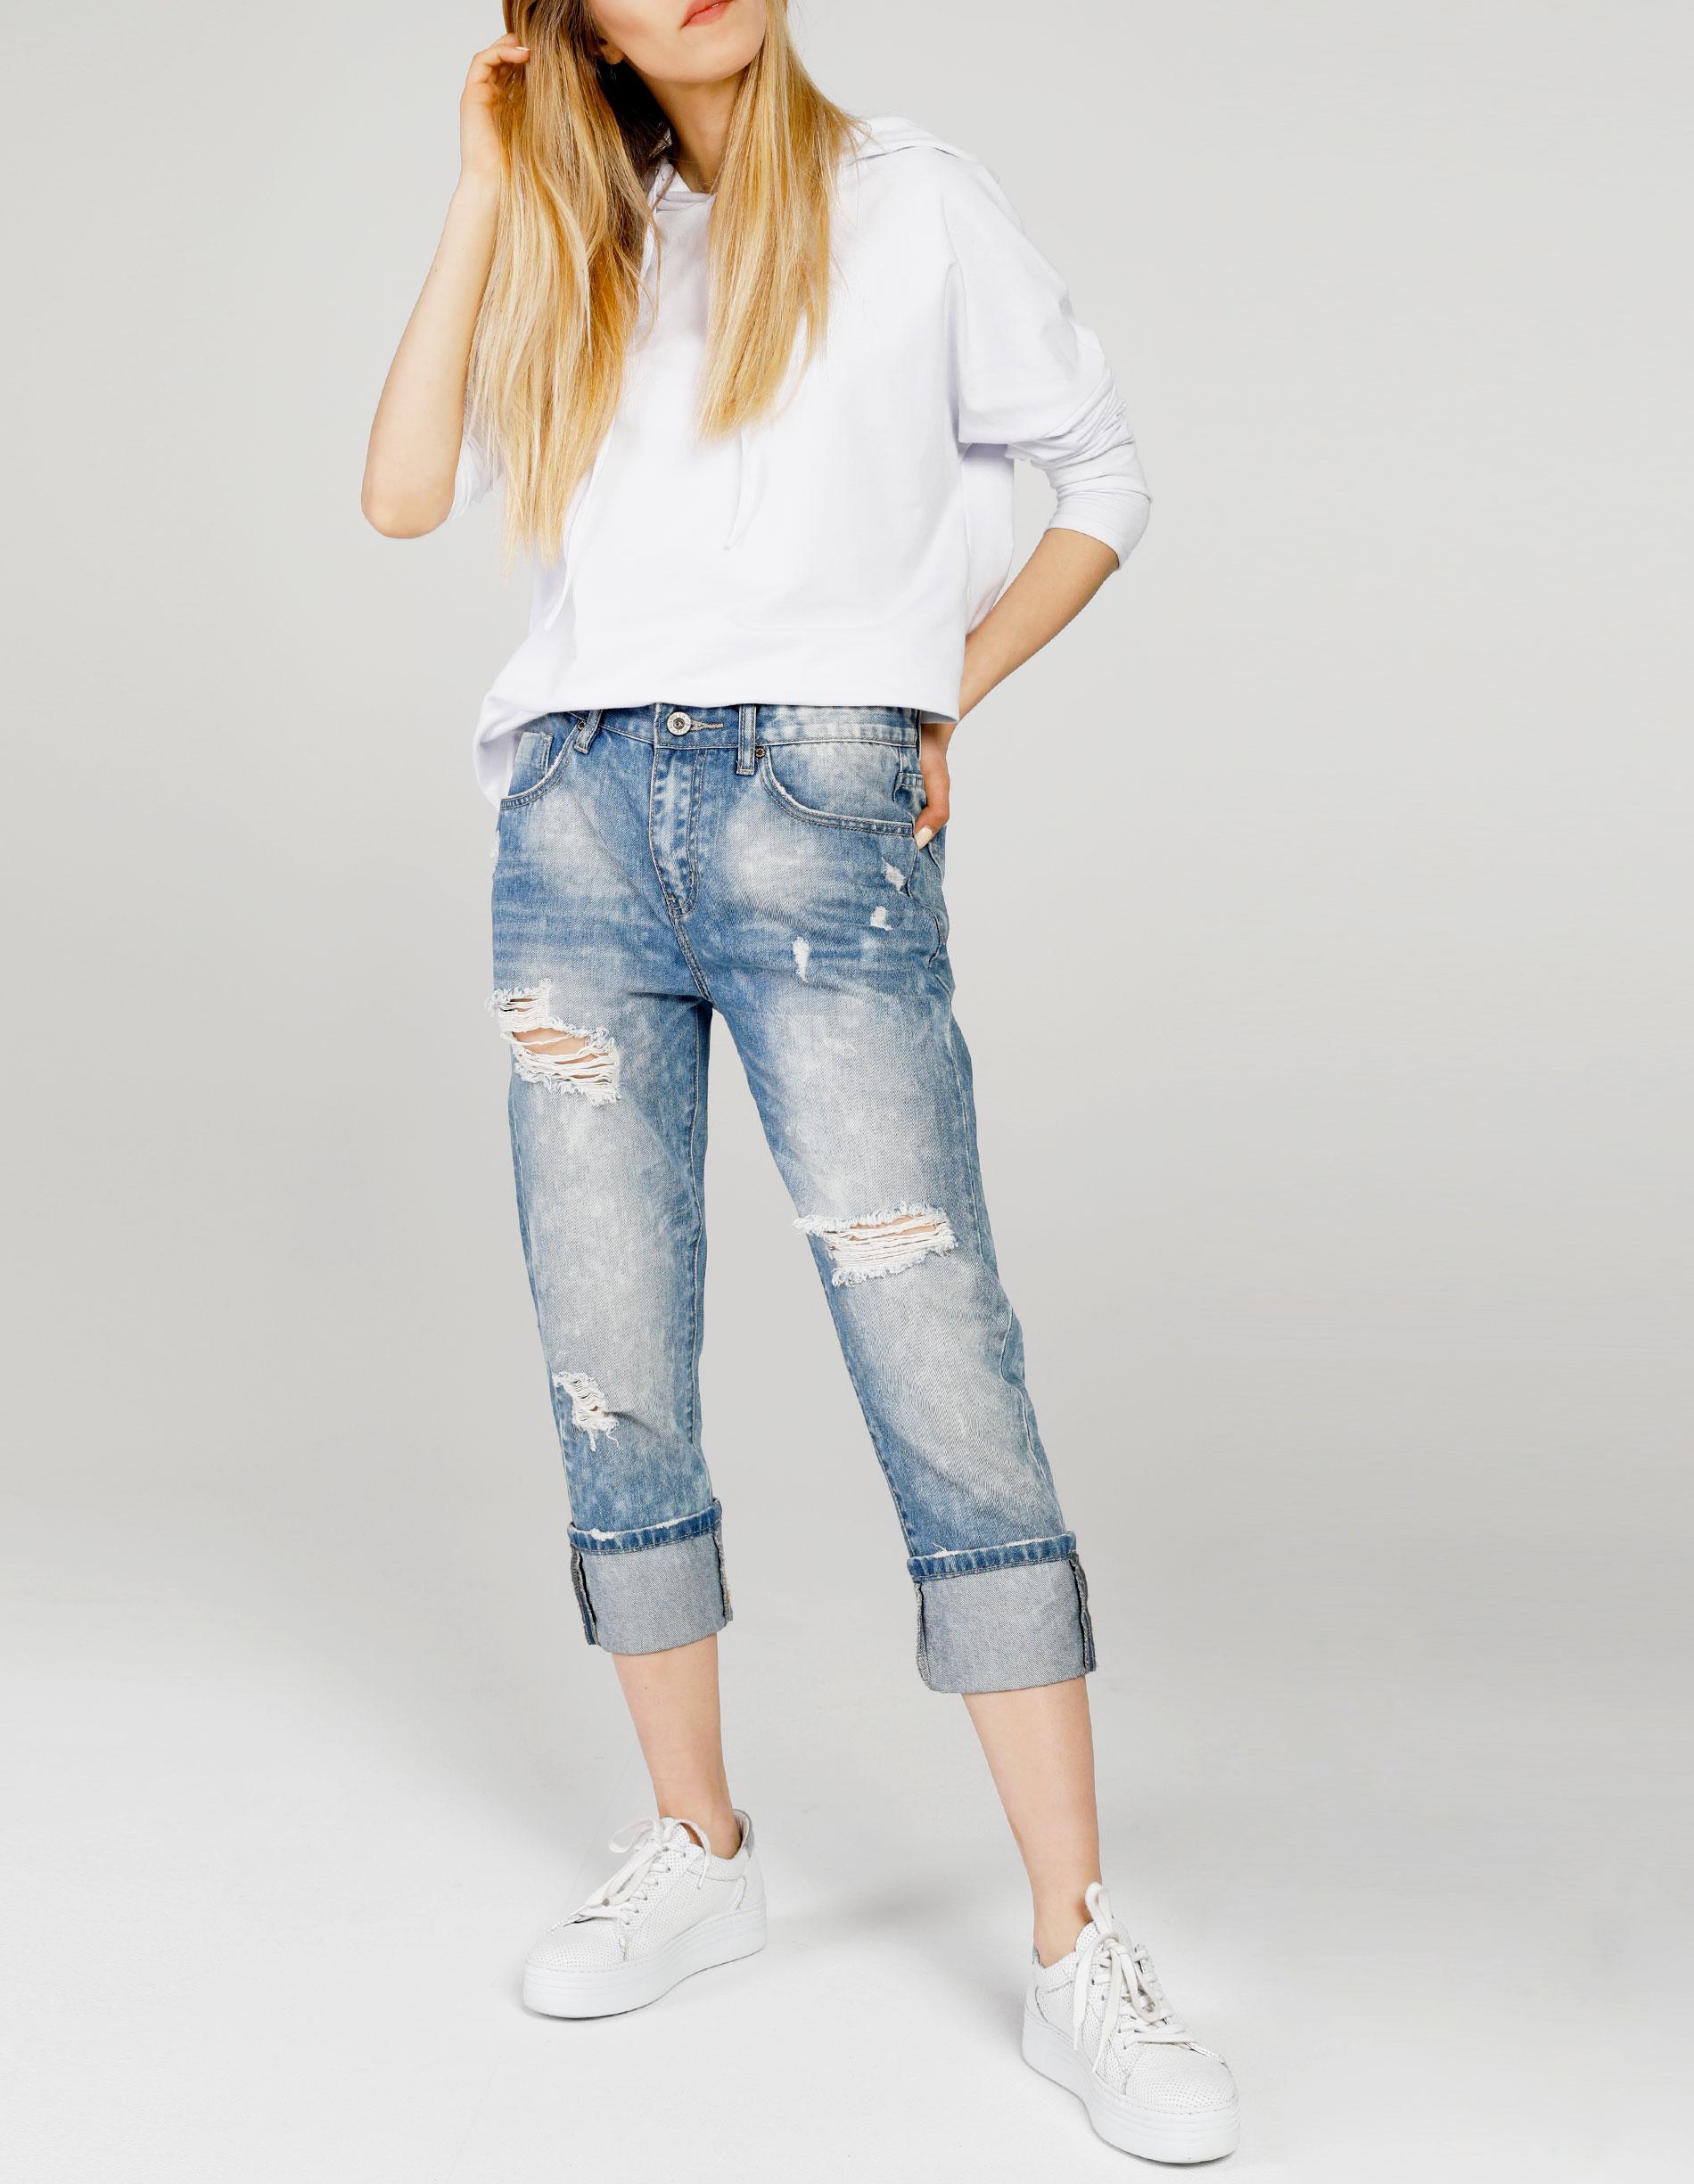 ffa37d7641 Unisono 42 105 Spodnie  shoperia  Jeans xXqUxR